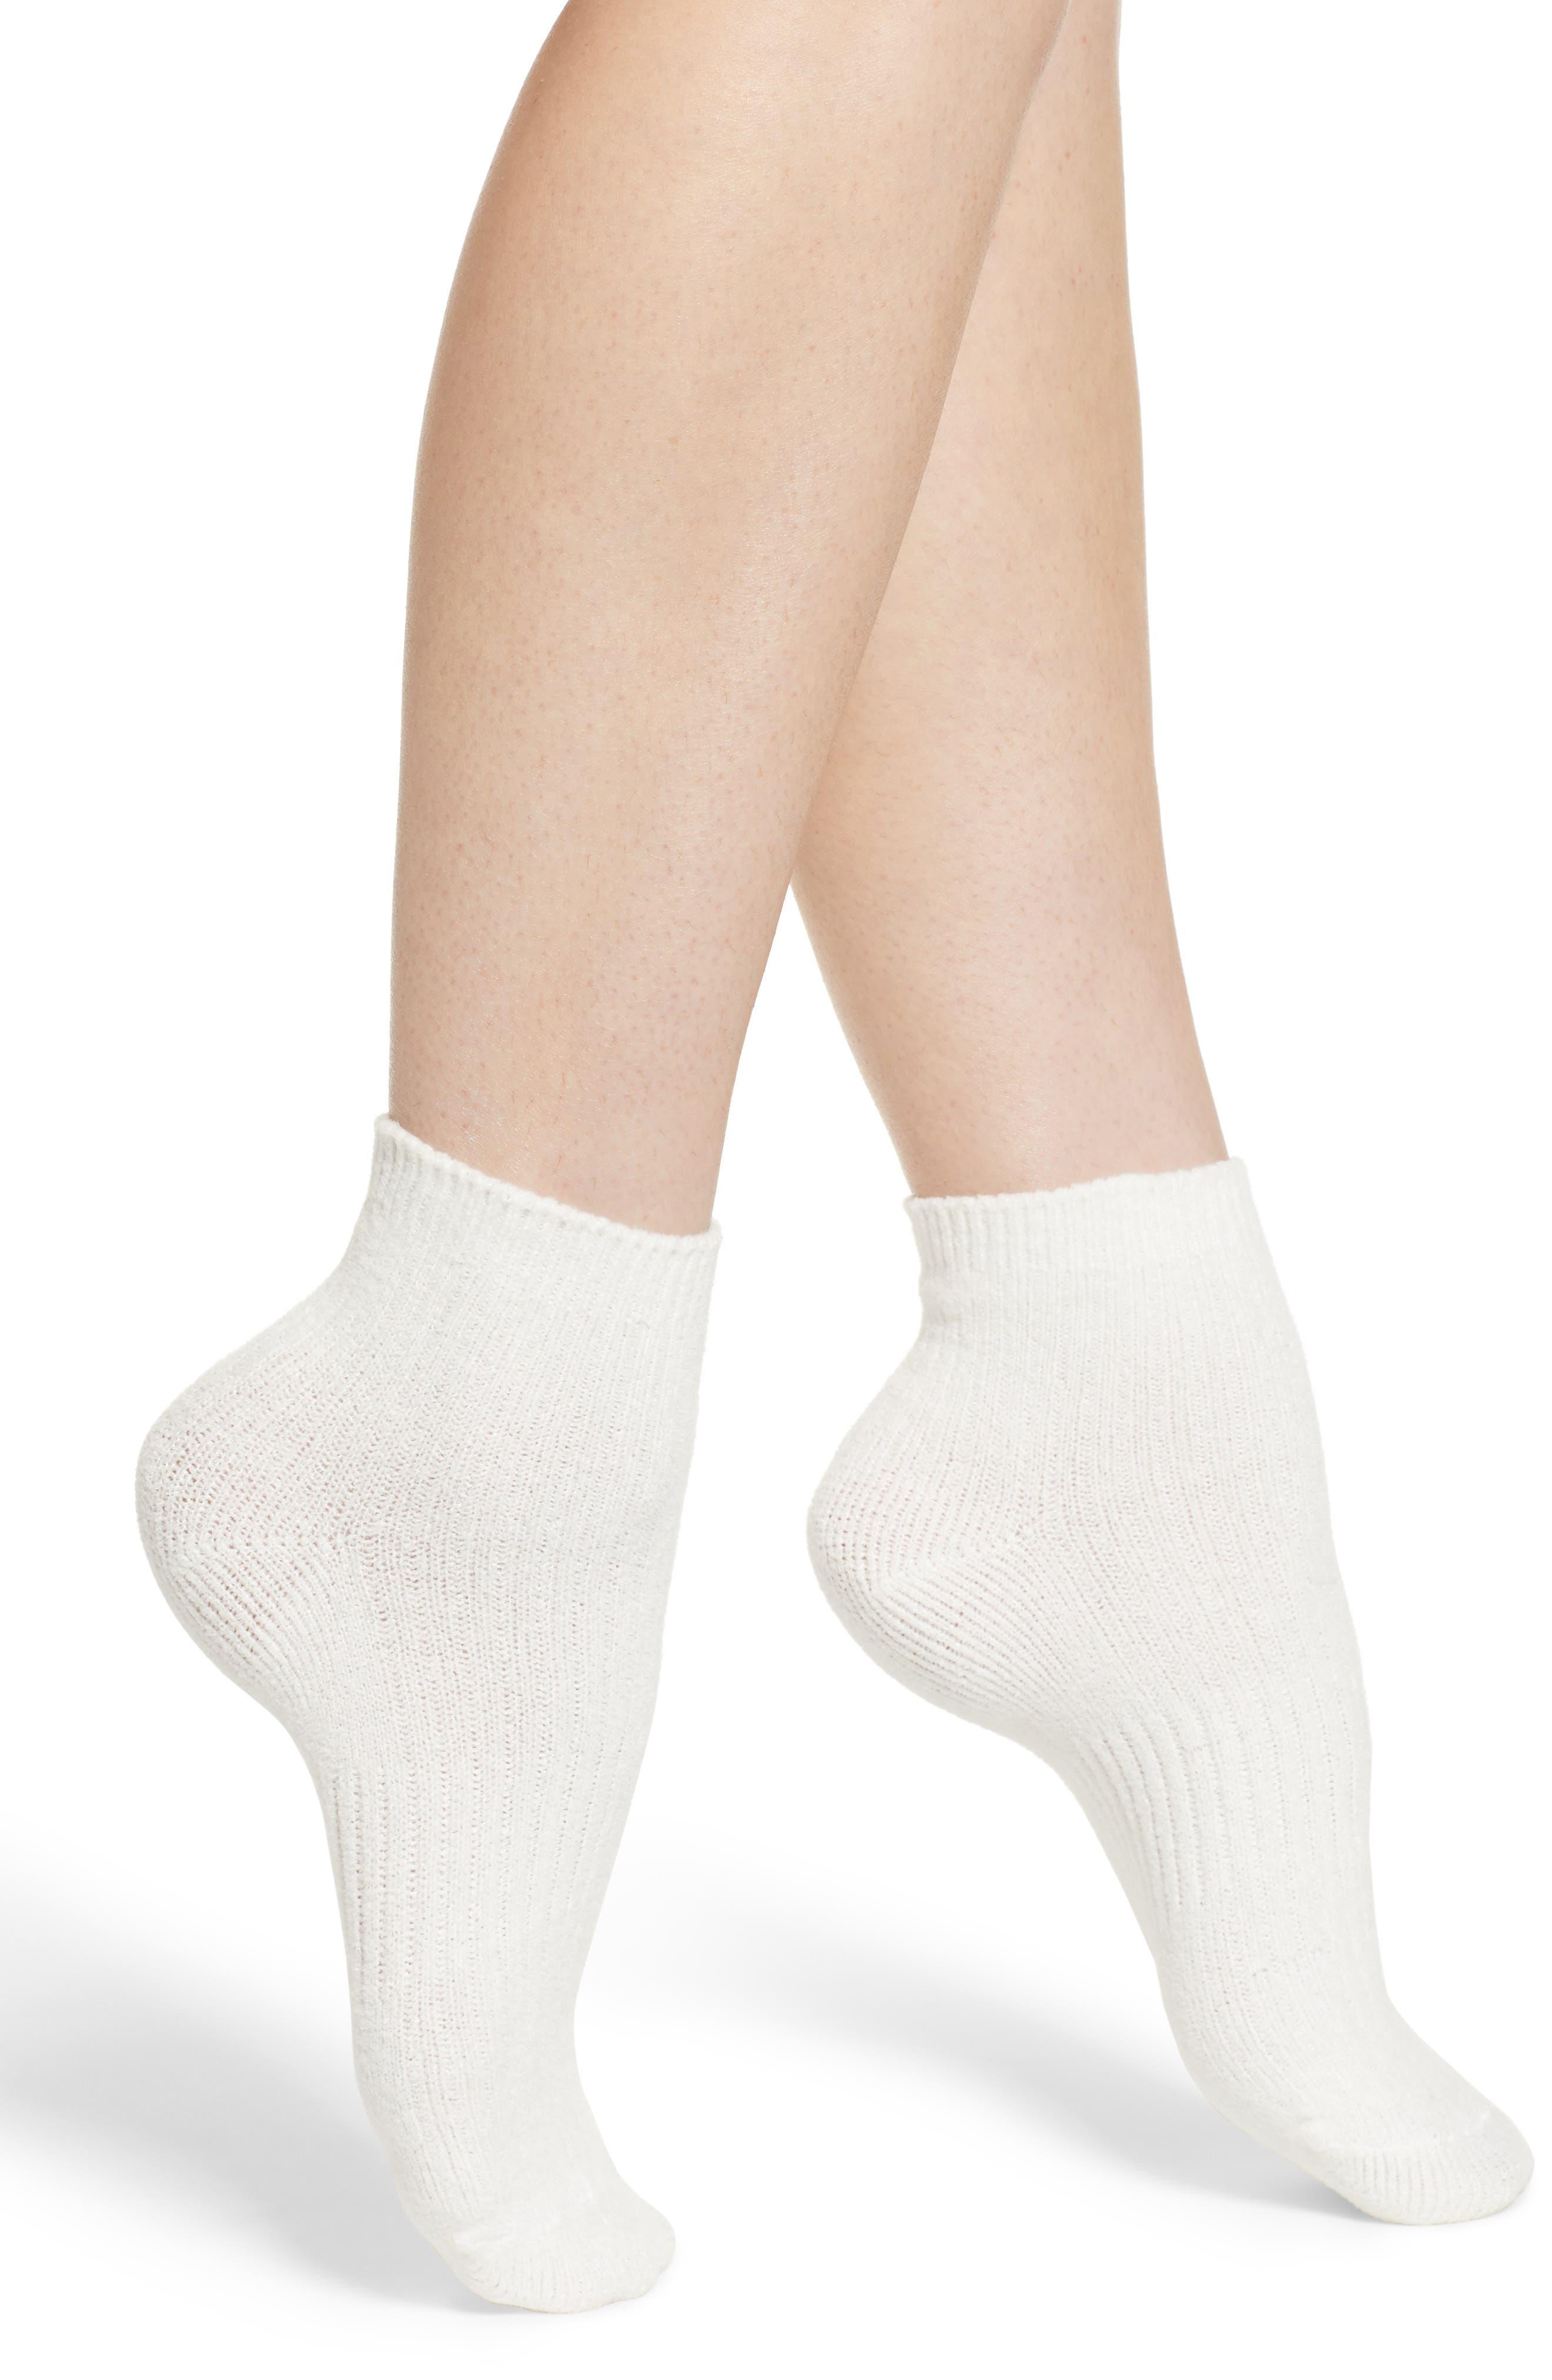 Butter Ankle Socks,                             Main thumbnail 1, color,                             WHITE